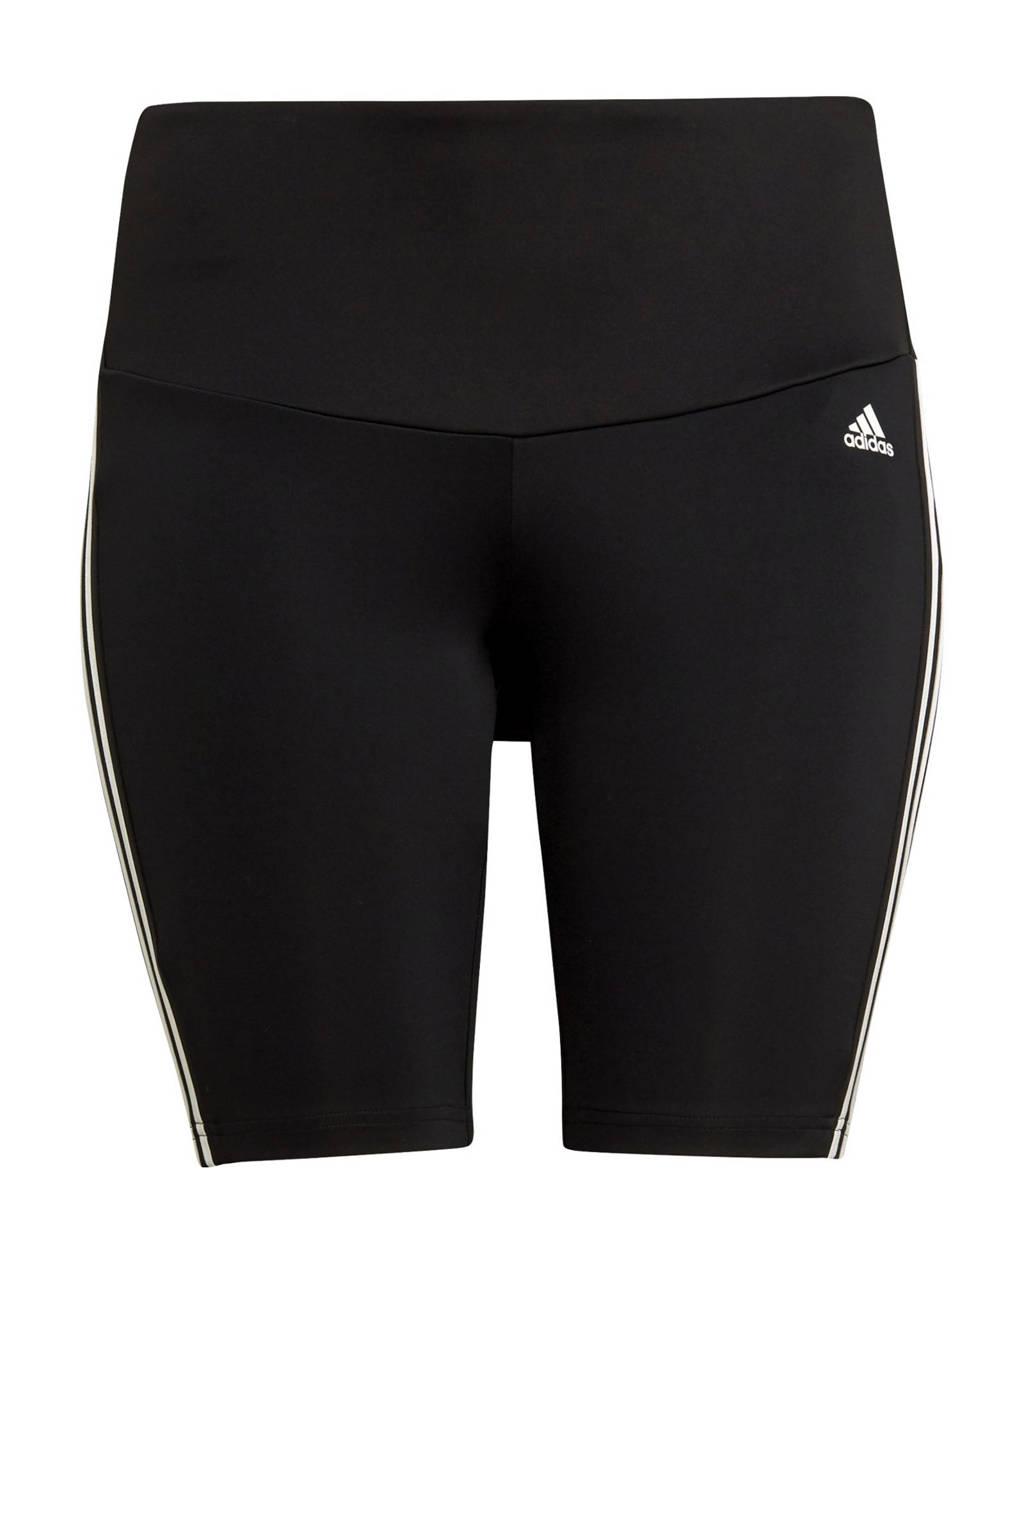 adidas Performance Plus Size Designed2Move sportshort zwart/wit, Zwart/wit